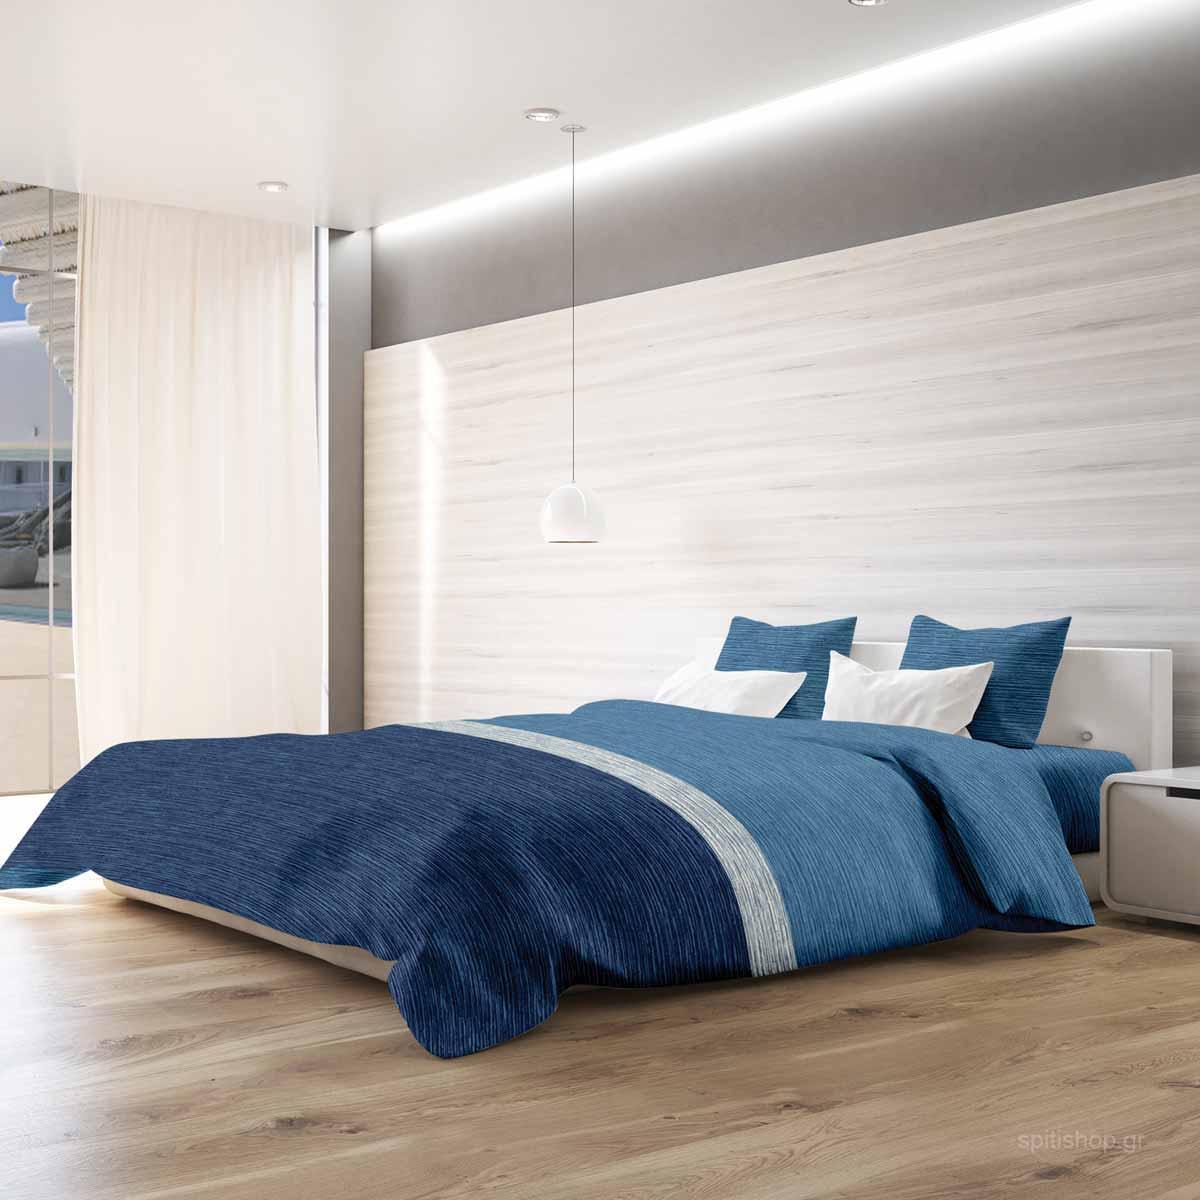 Σεντόνια King Size (Σετ) Makis Tselios Exotica Blue ΧΩΡΙΣ ΛΑΣΤΙΧΟ 265×280 ΧΩΡΙΣ ΛΑΣΤΙΧΟ 265×280